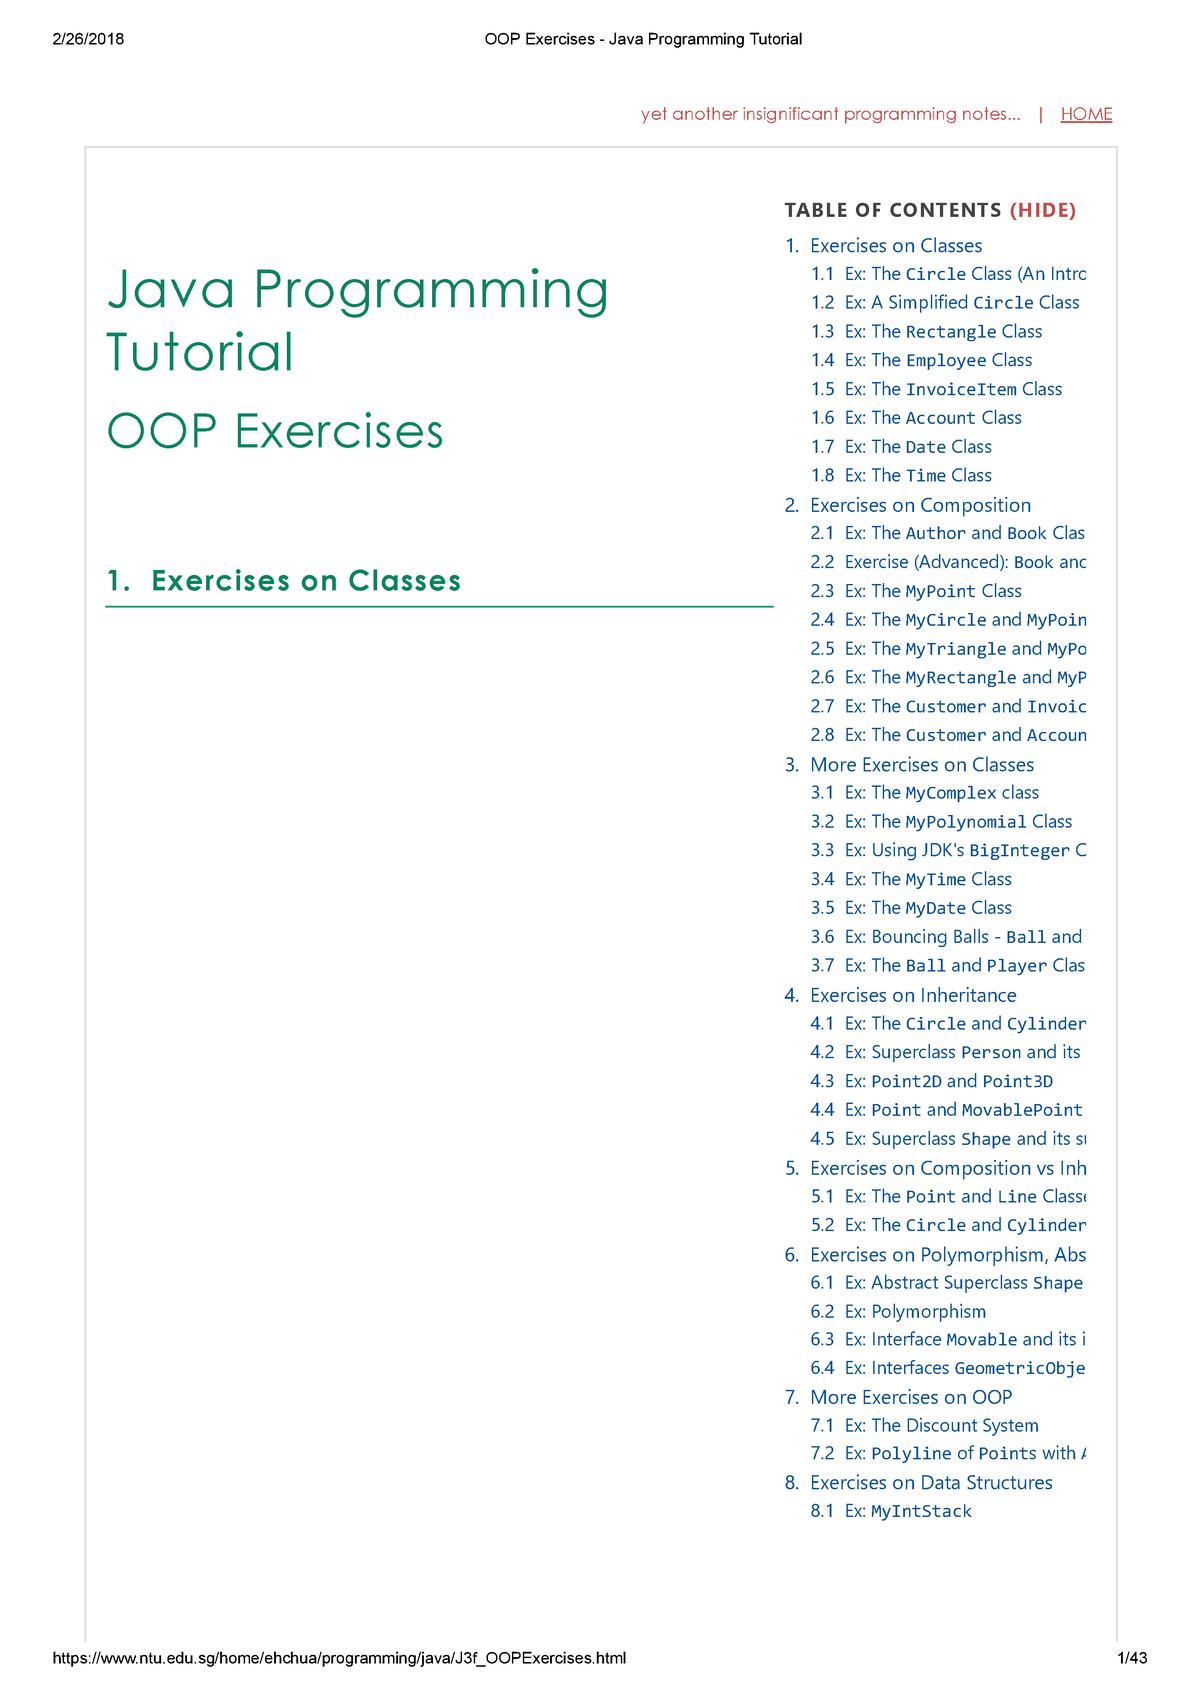 OOP Exercises - Java Programming Tutorial - SE - Fontys